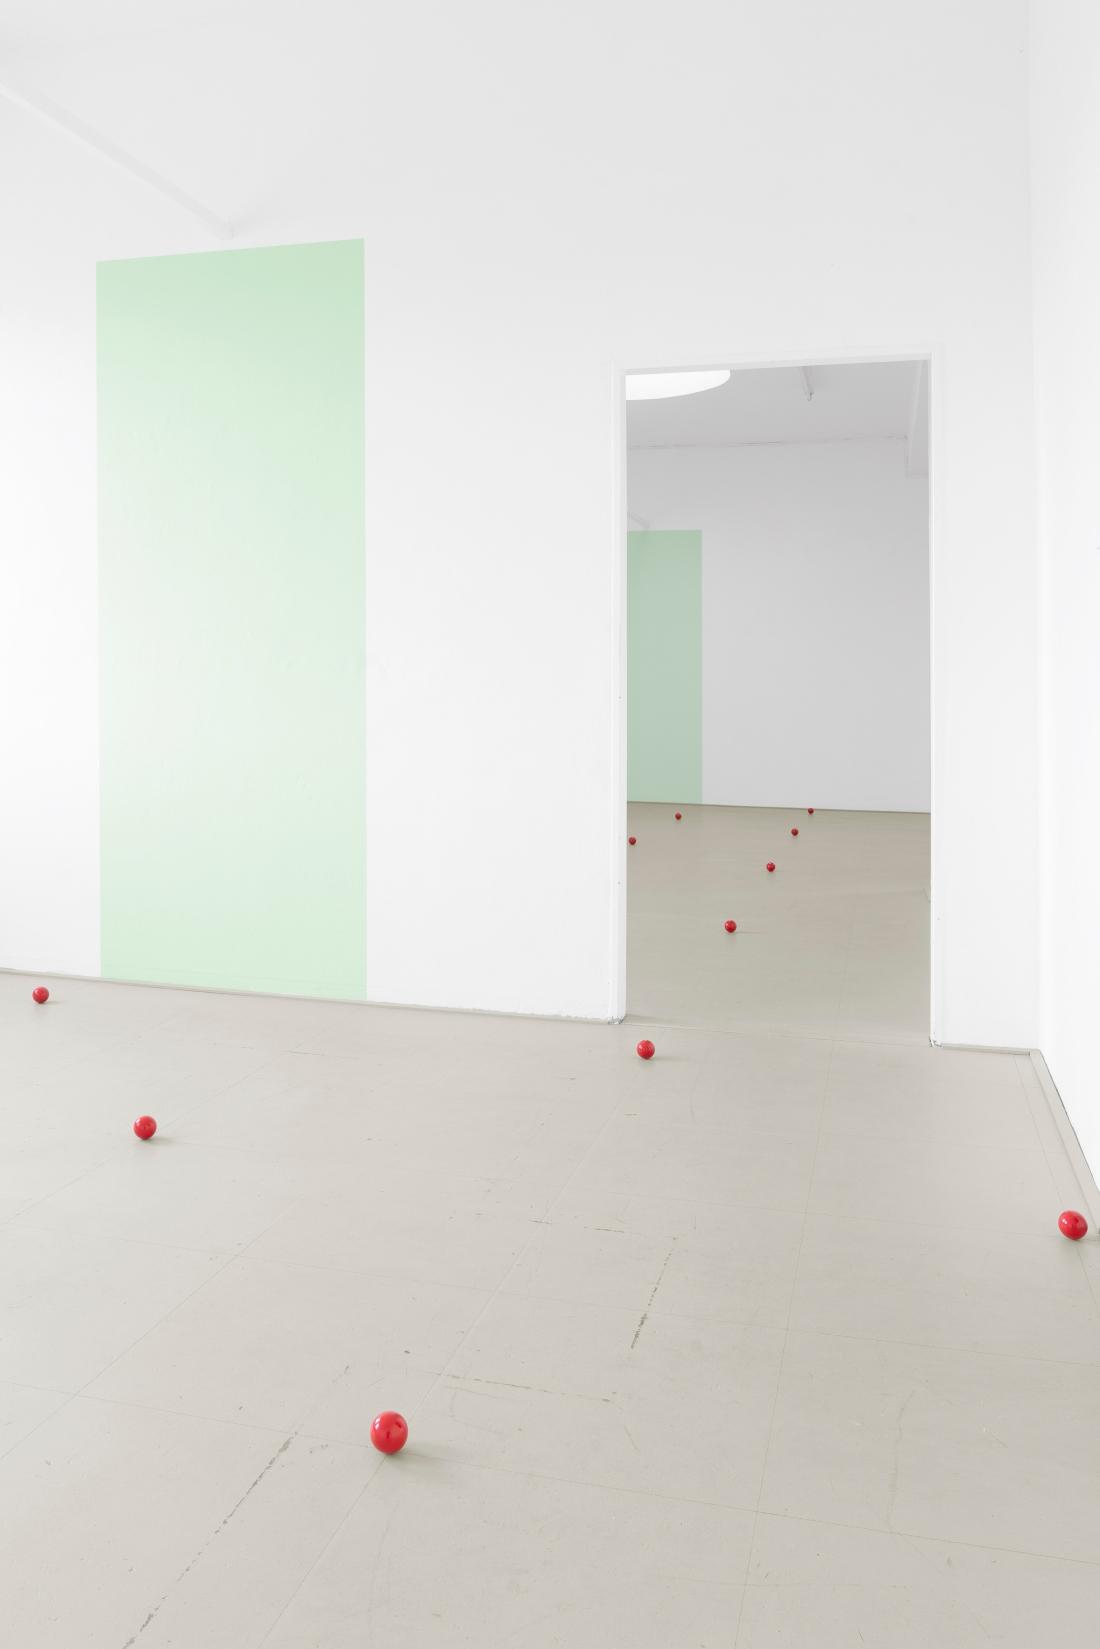 Galerie-Herold_Ingunn_Foto-Franziska-von-den-Driesch_003